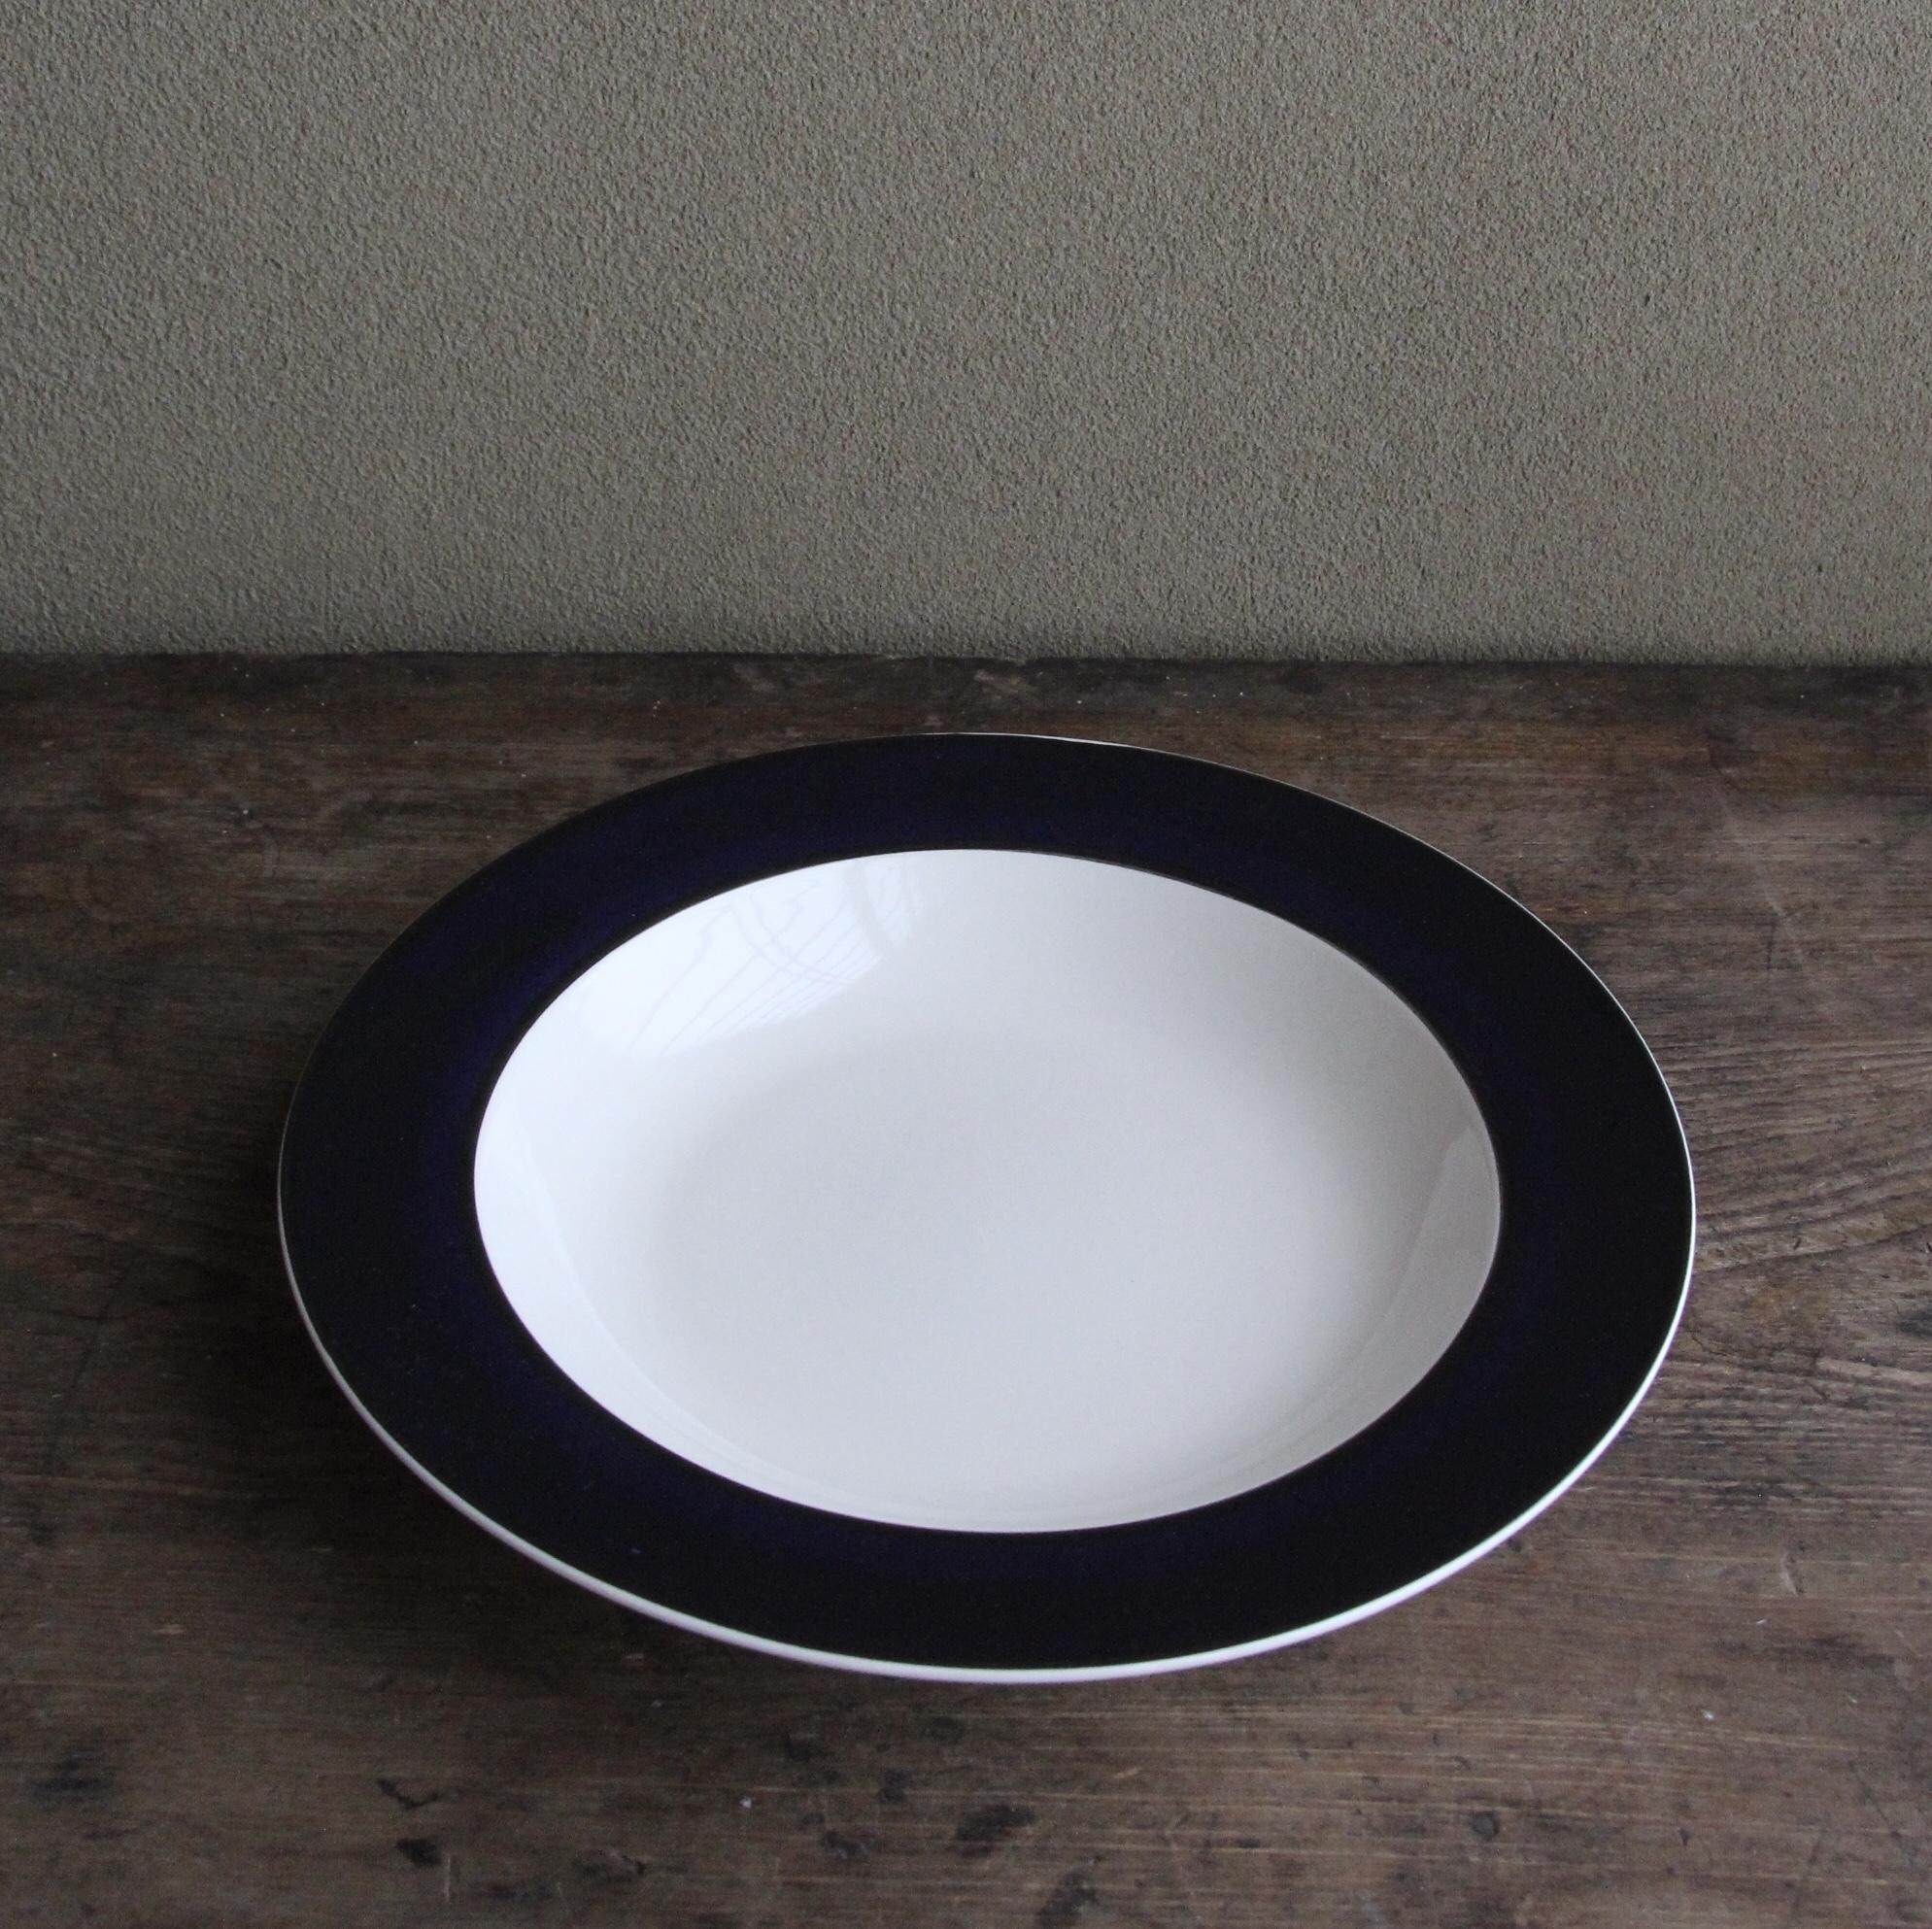 whole homeの濃紺色ストーンウェアスープ皿 在庫4枚